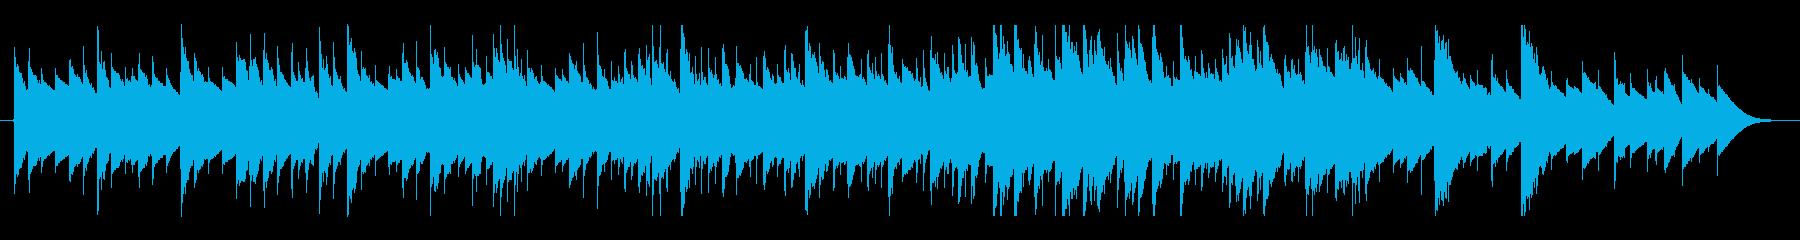 優しいオルゴールの音色のBGMの再生済みの波形